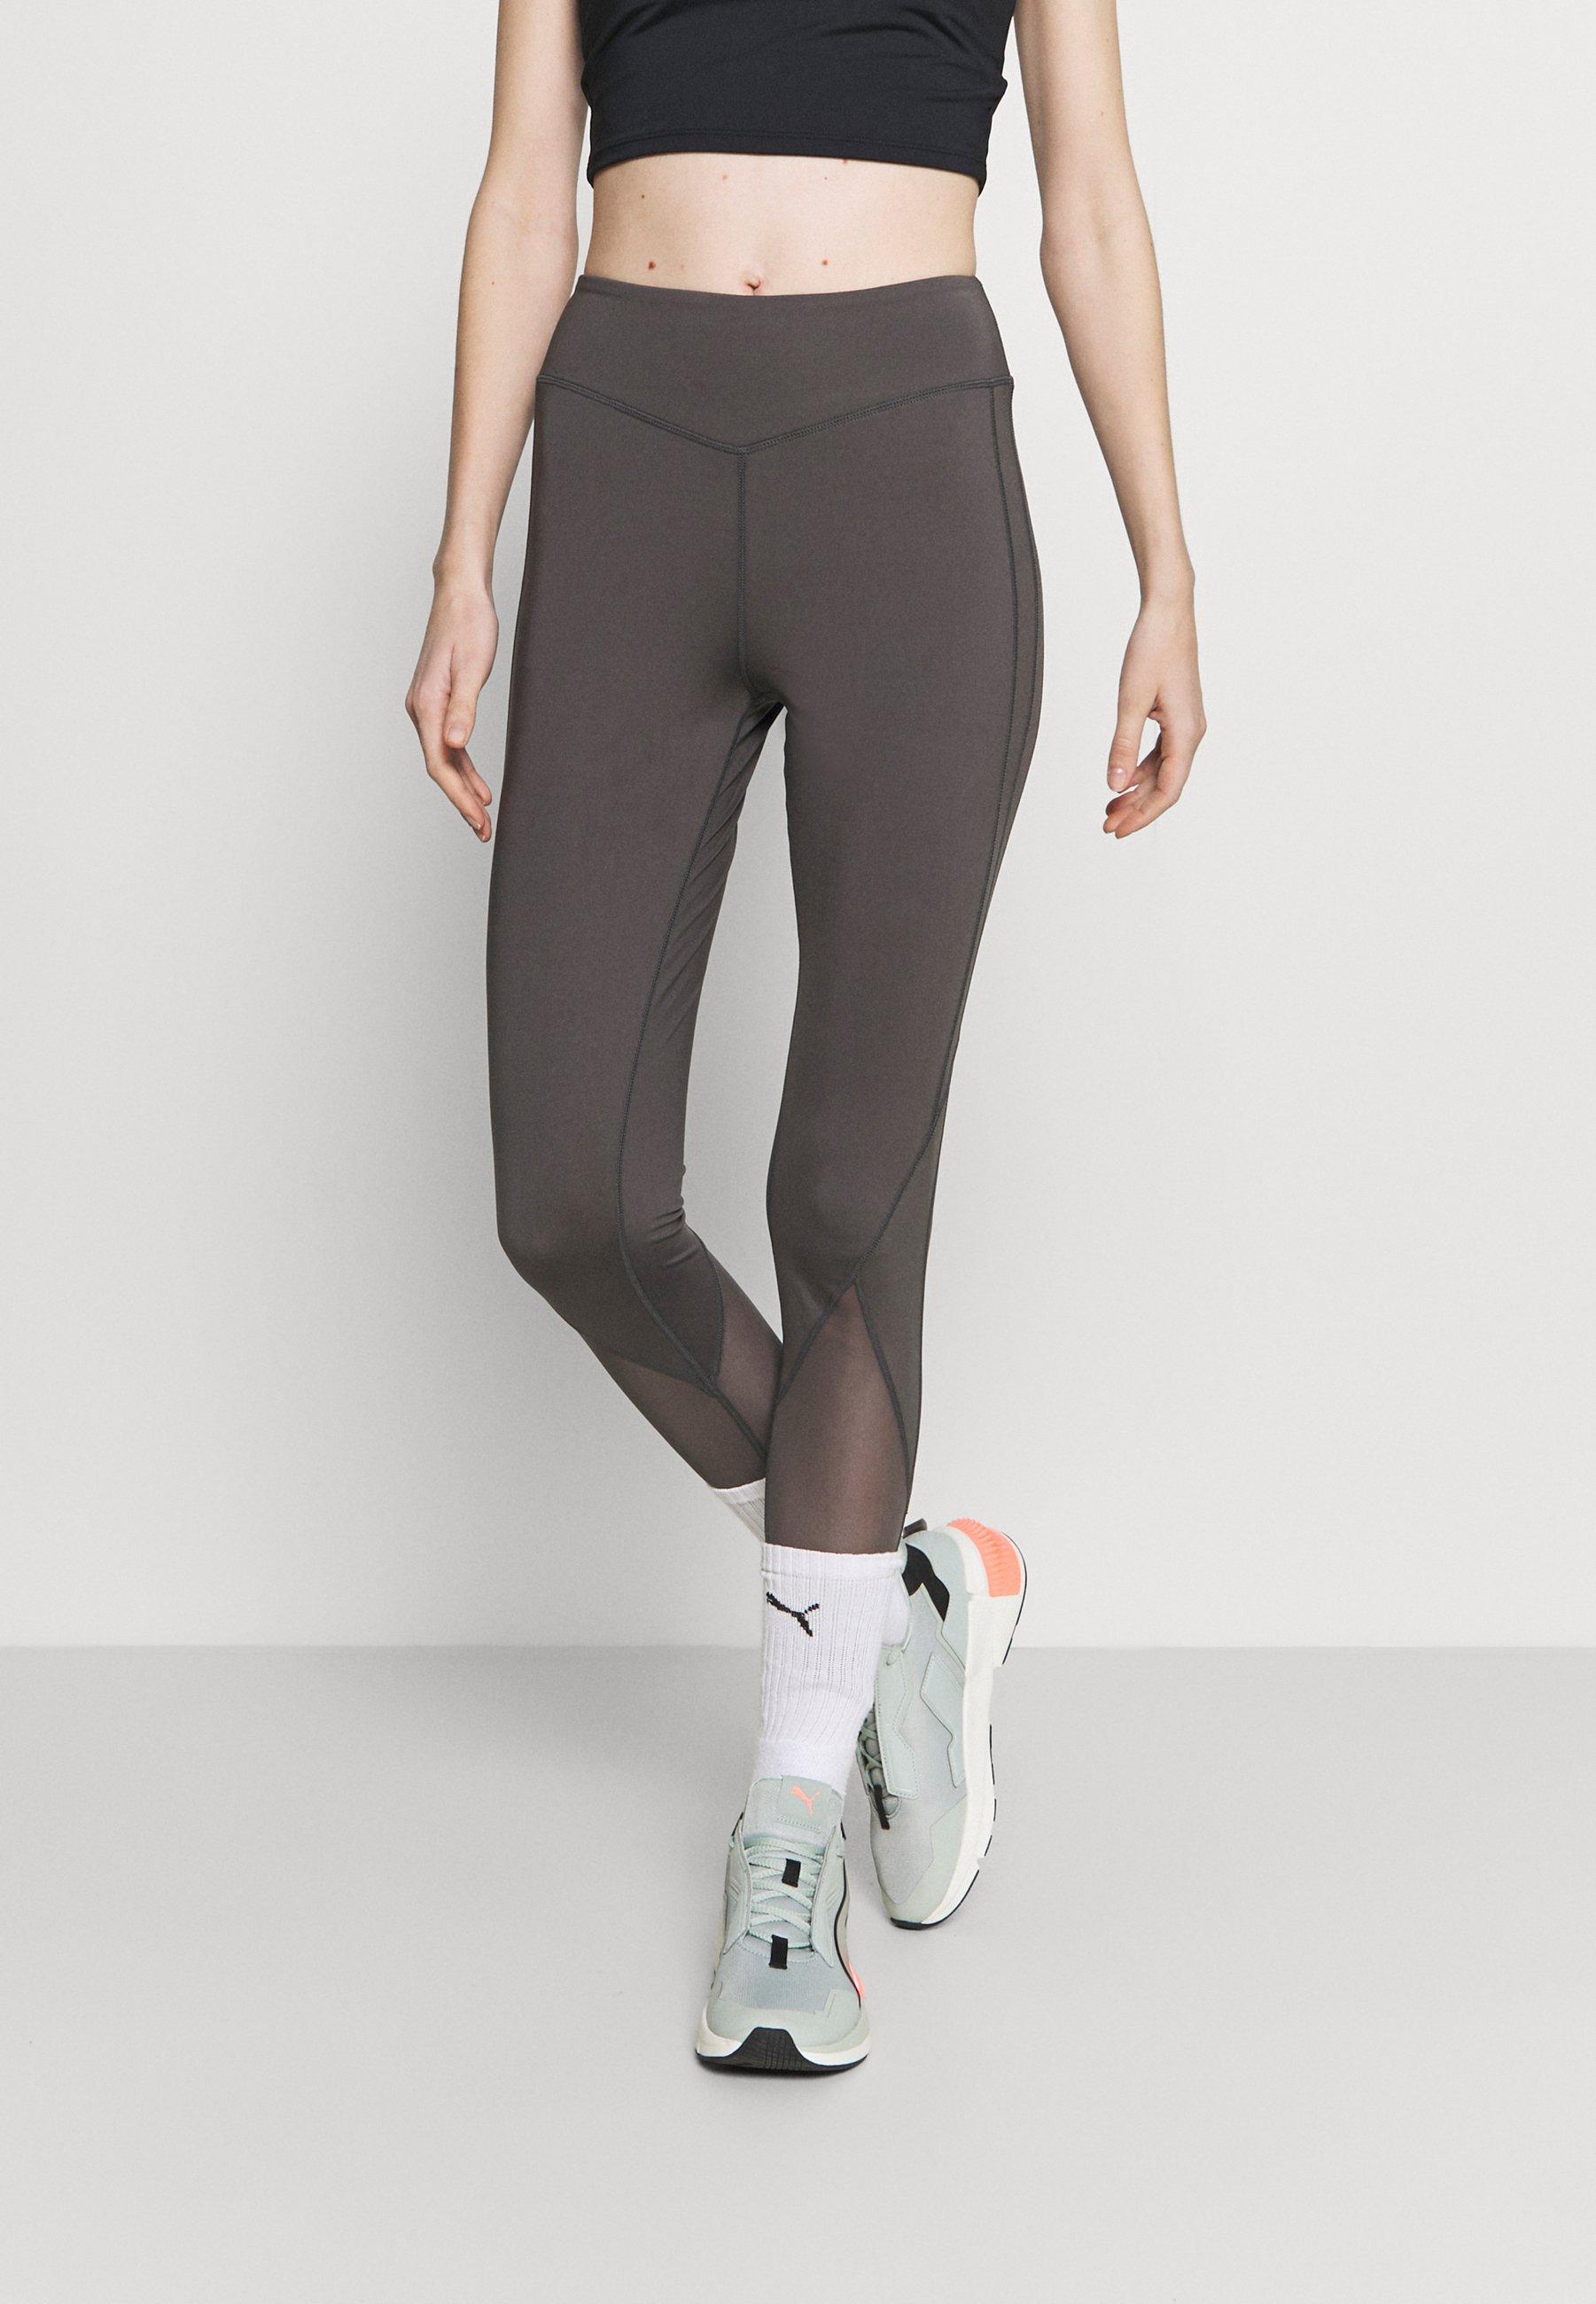 Femme SHINE FULL LENGTH LEGGING - Collants